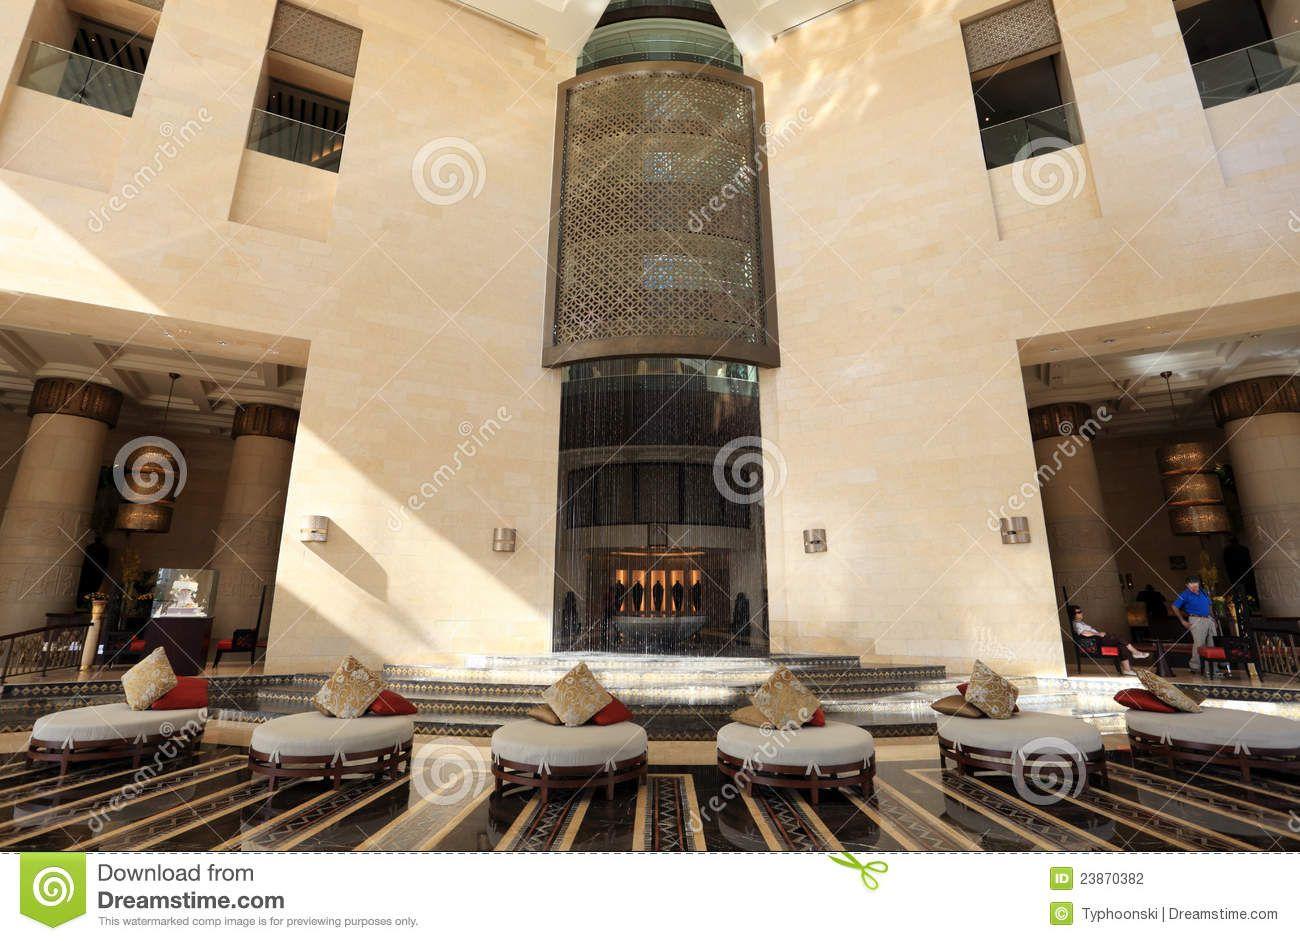 interior-raffles-hotel-dubai-23870382.jpg (1300×941)